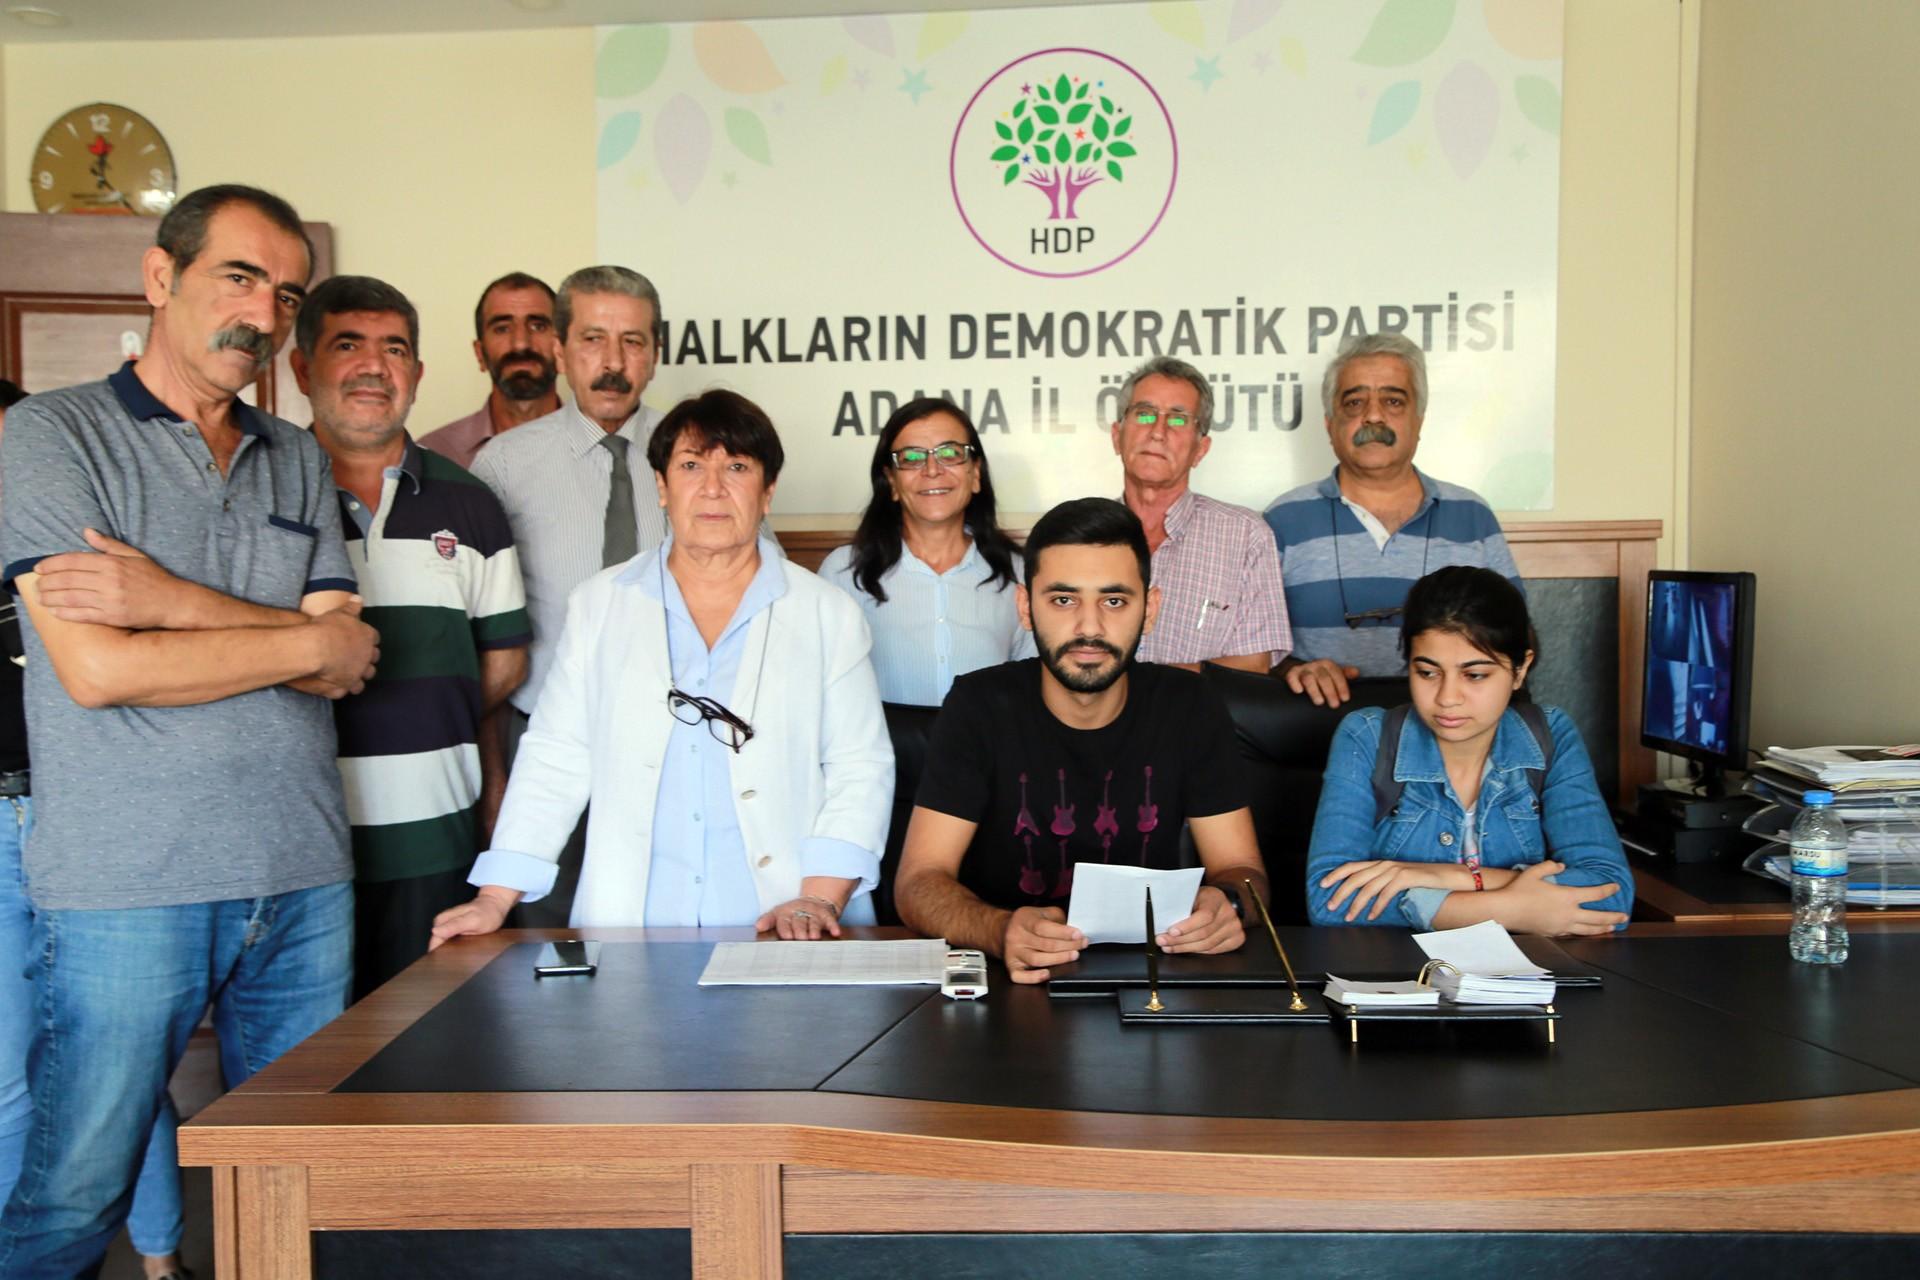 Adana'da Kürtçe tiyatro oyunu 'güvenlik' gerekçesiyle yasaklandı